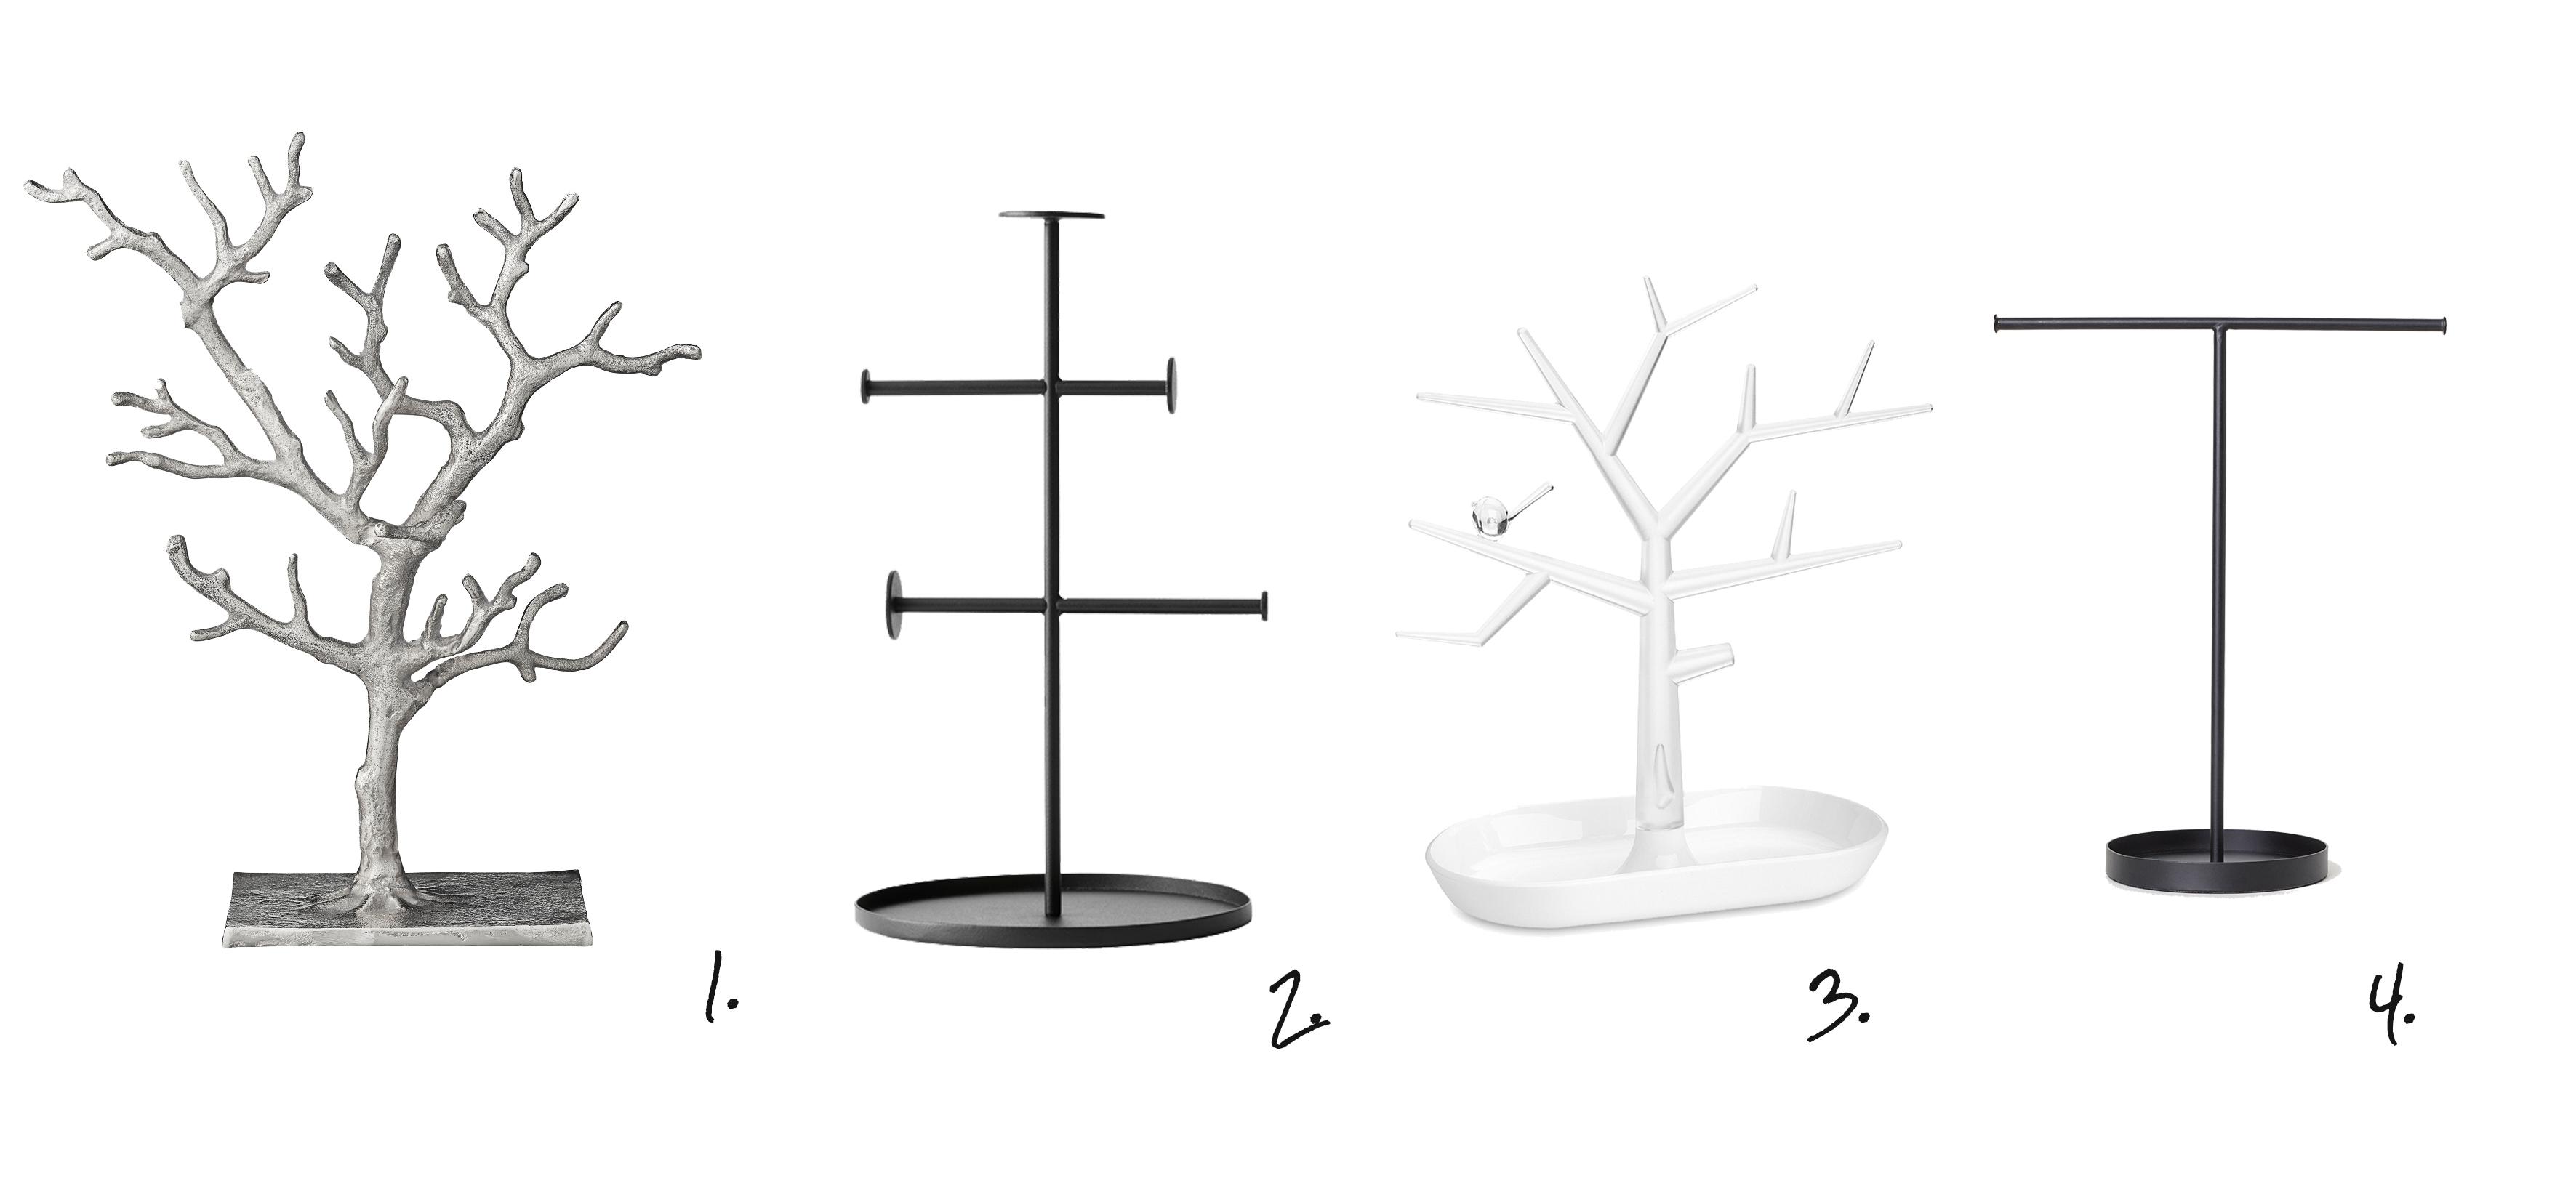 Keletas stovų - interjero stiliaus akcentų jūsų pasirinkimui: